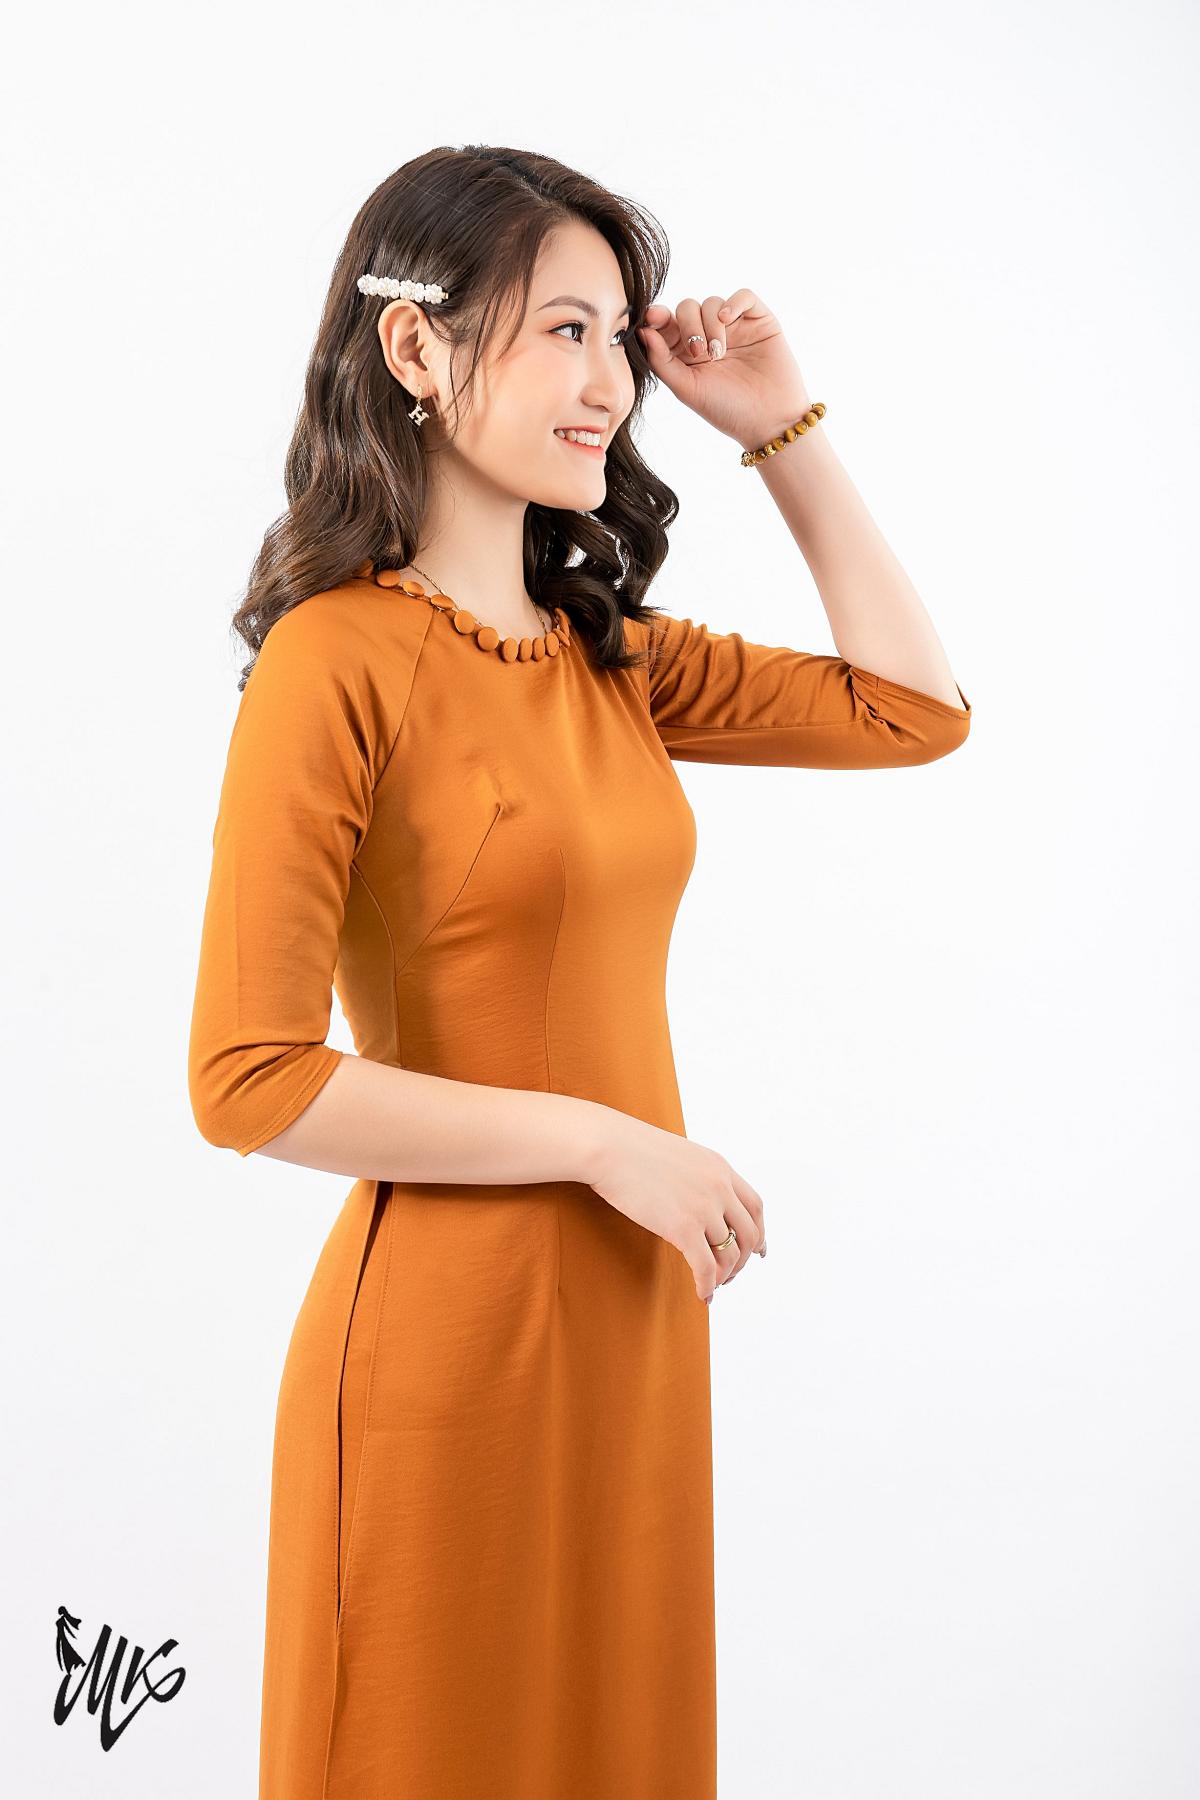 Thương hiệu thời trang áo dài Minh Khang niềm tự hào của phái đẹp Việt - Ảnh 6.